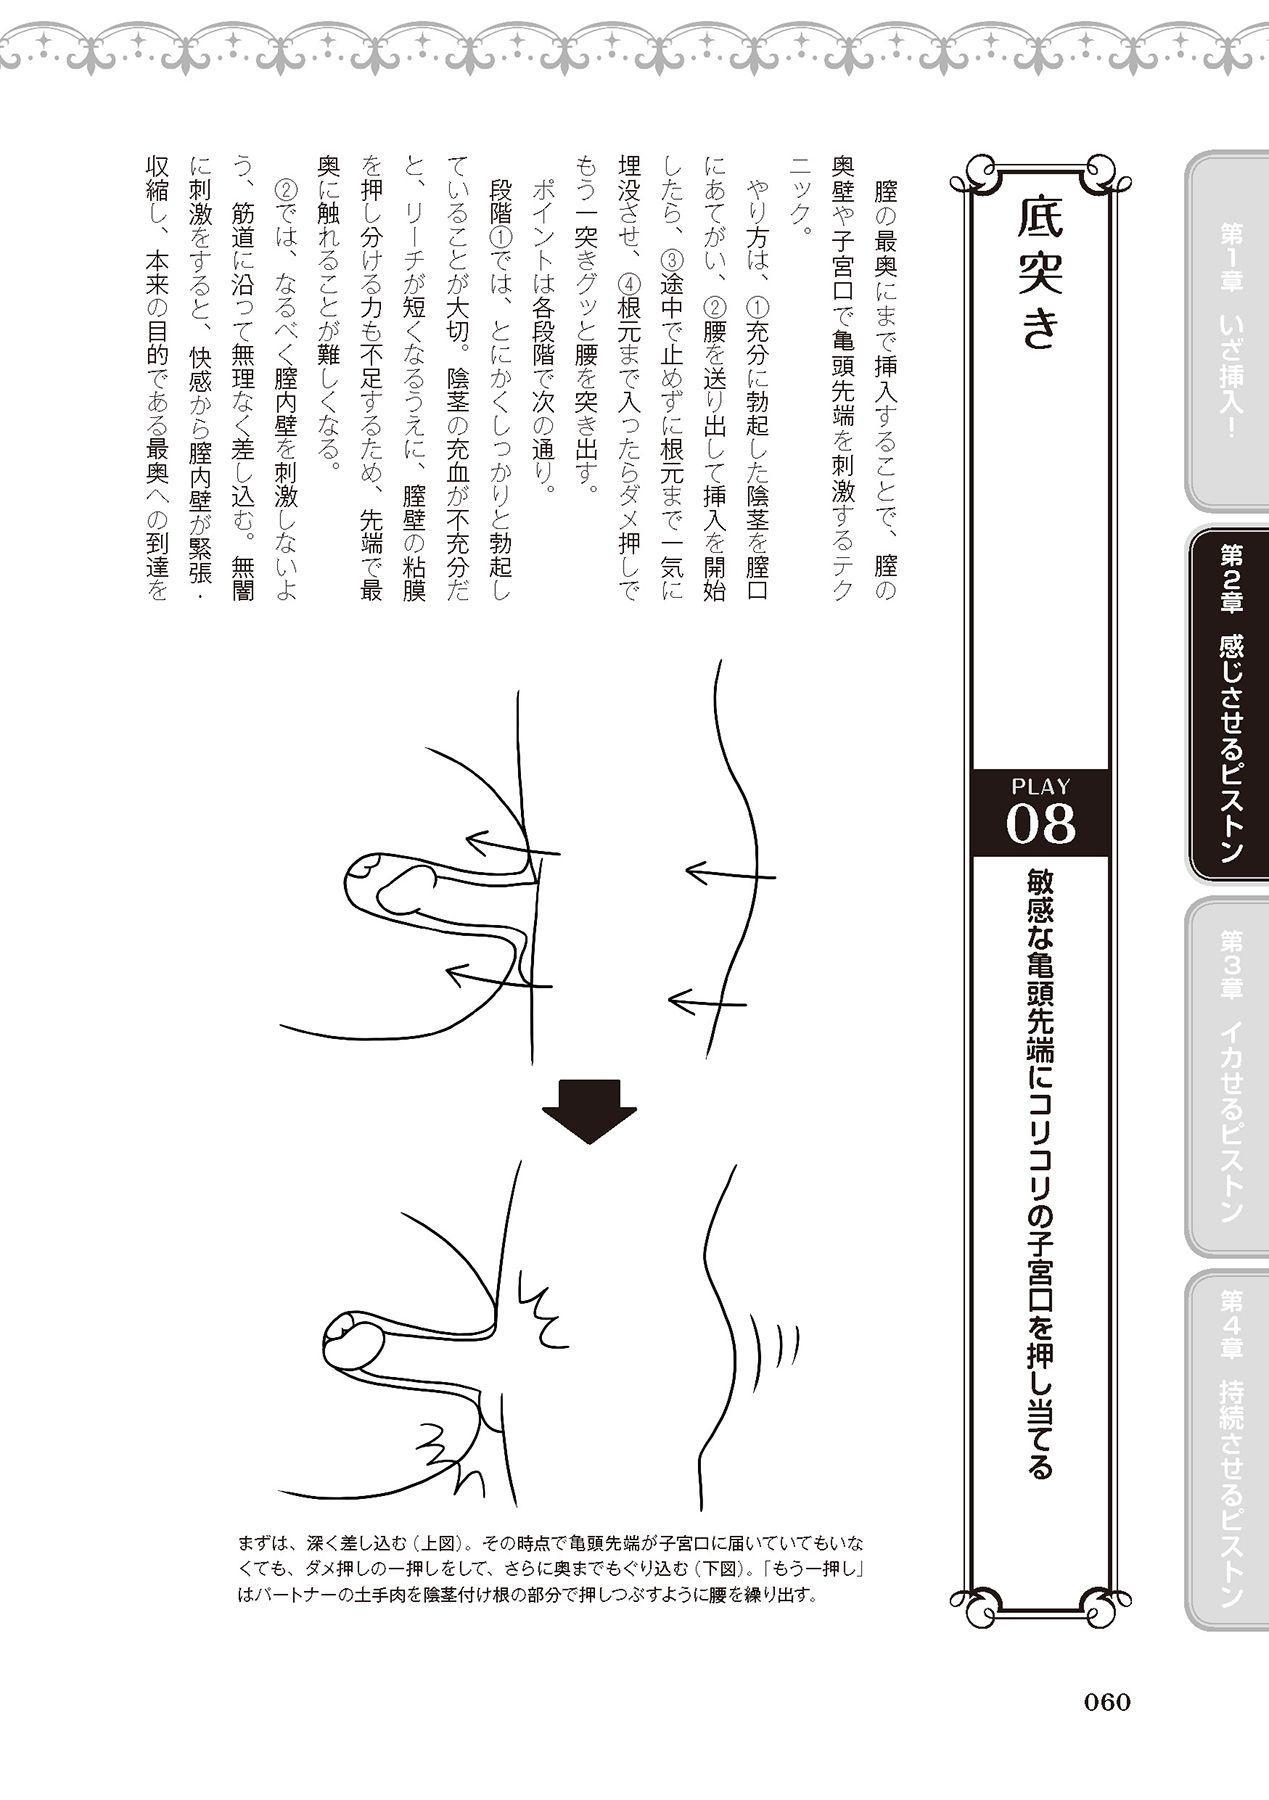 膣挿入&ピストン運動完全マニュアル イラスト版……ピスとんッ! 61